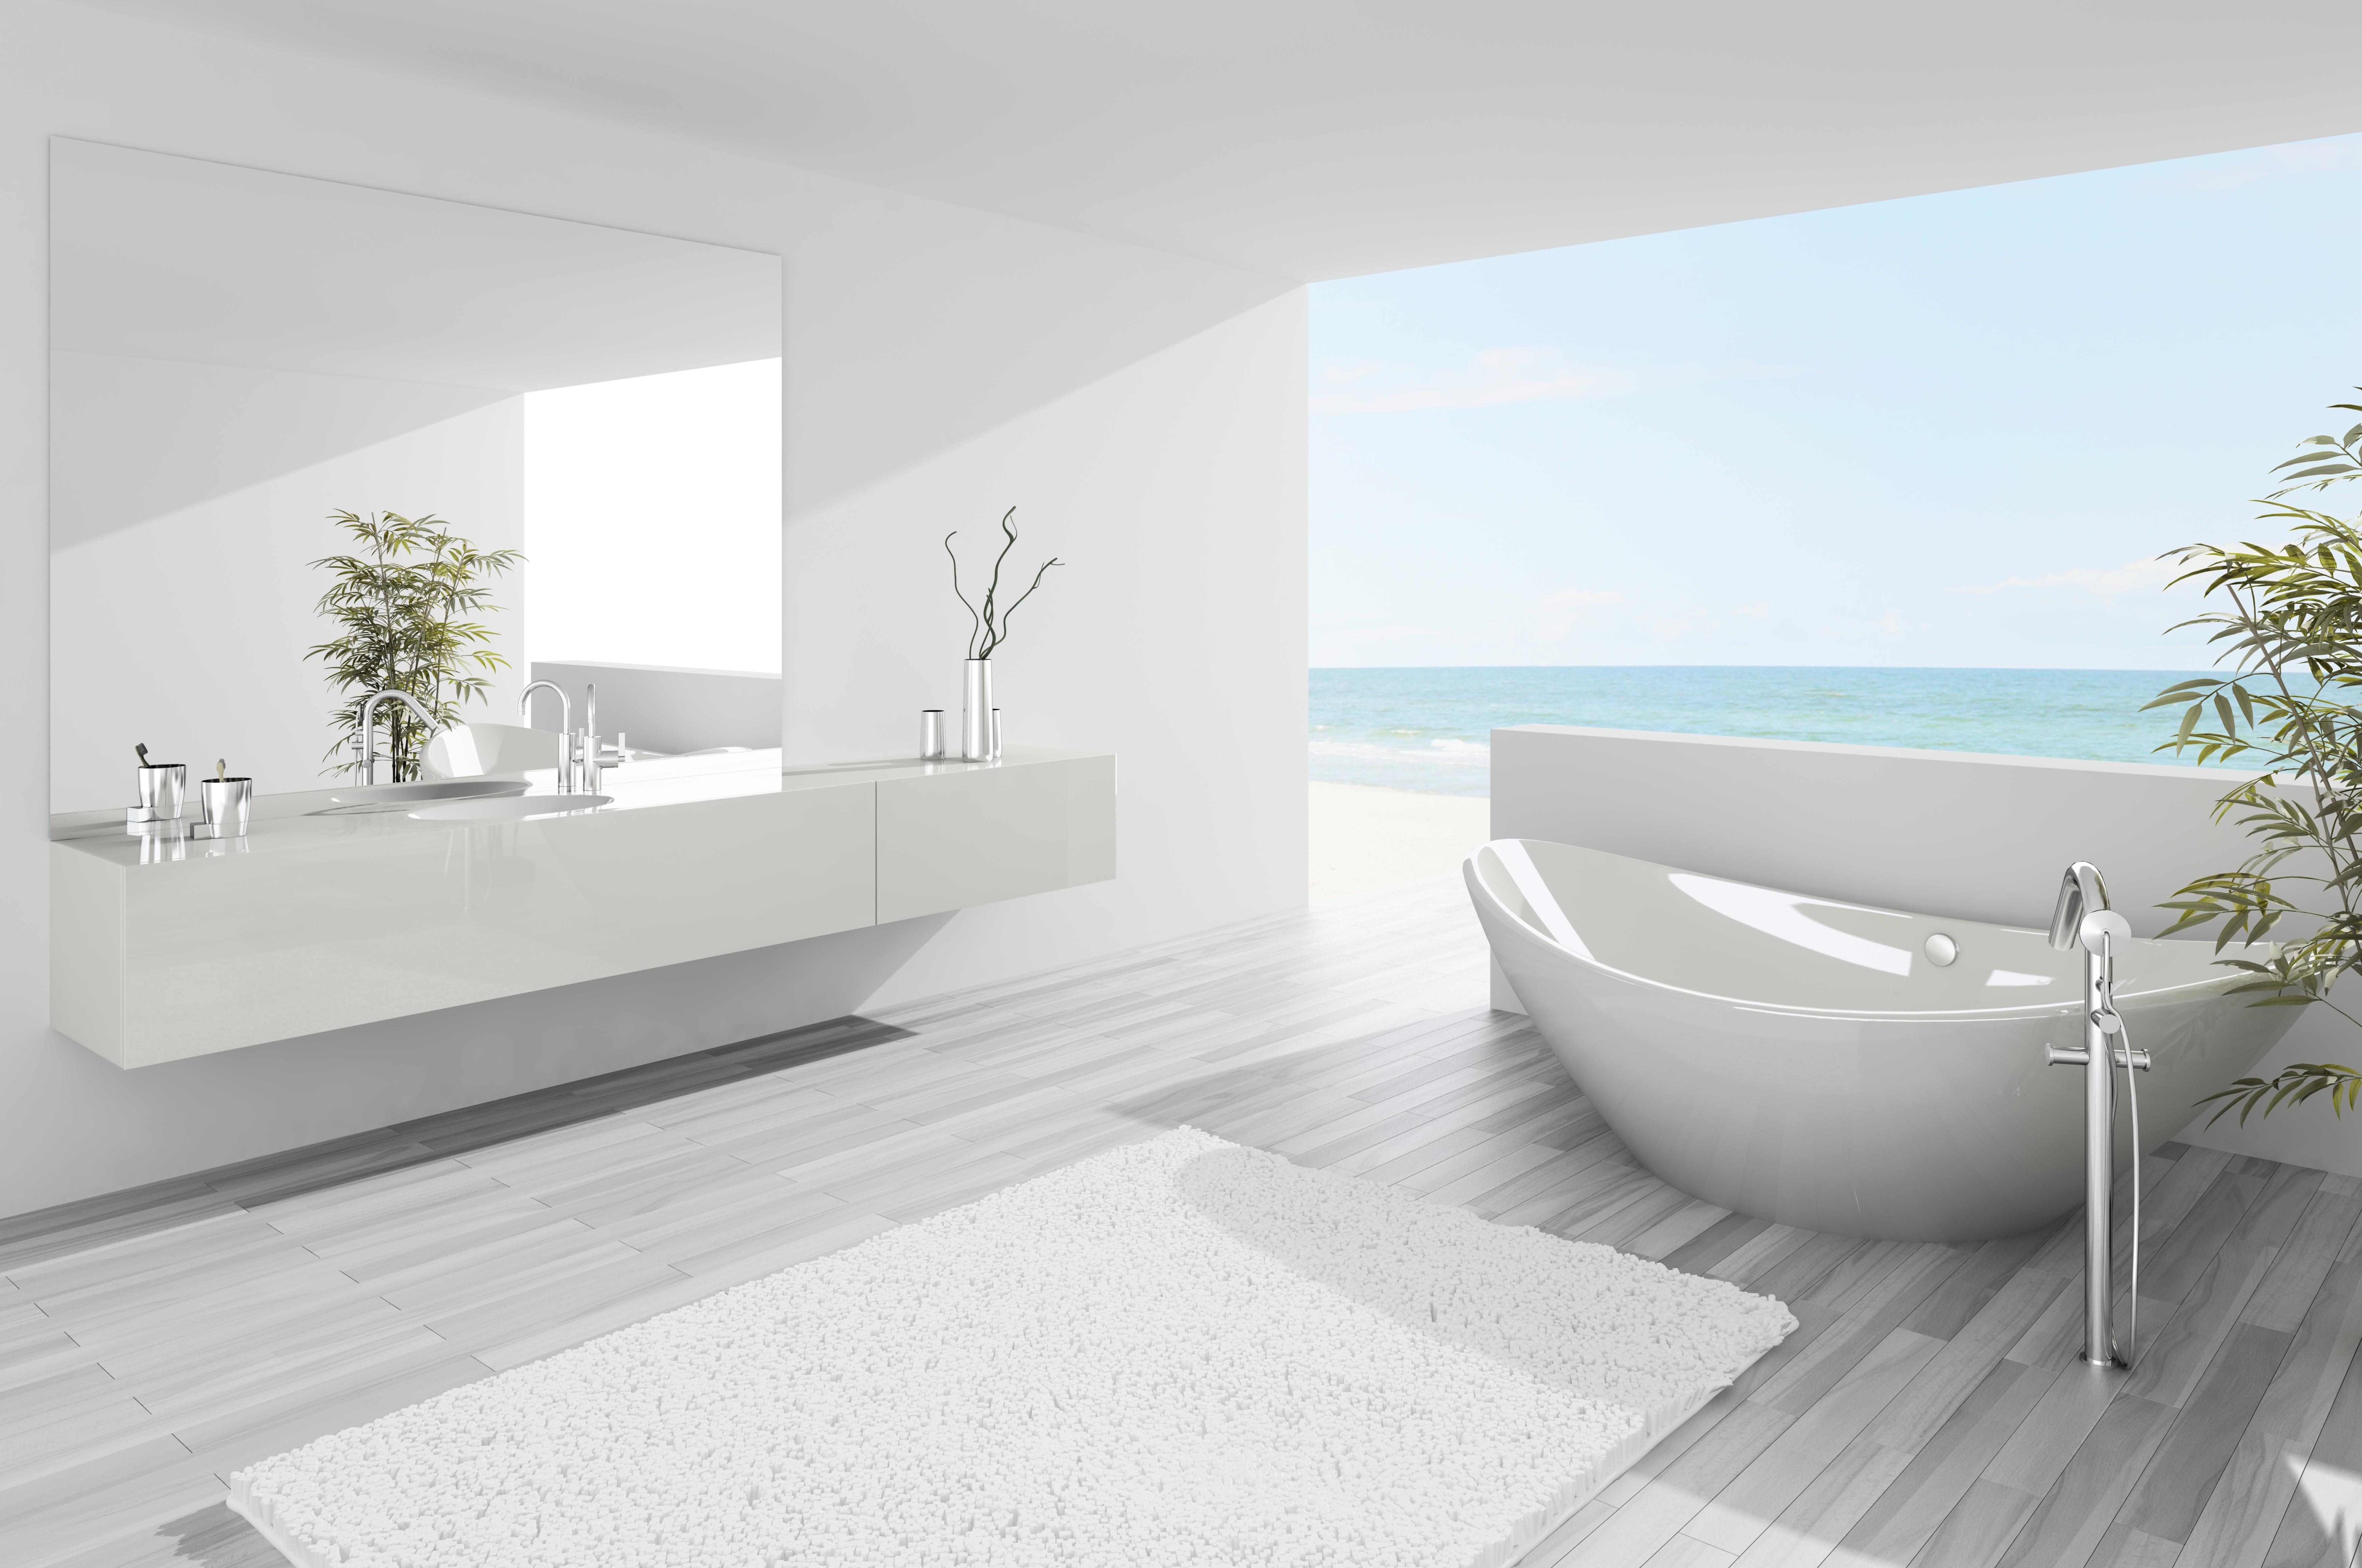 Moderne Witte Badkamer : Mooi moderne badkamer badkamermeubels ontwerpen 2017